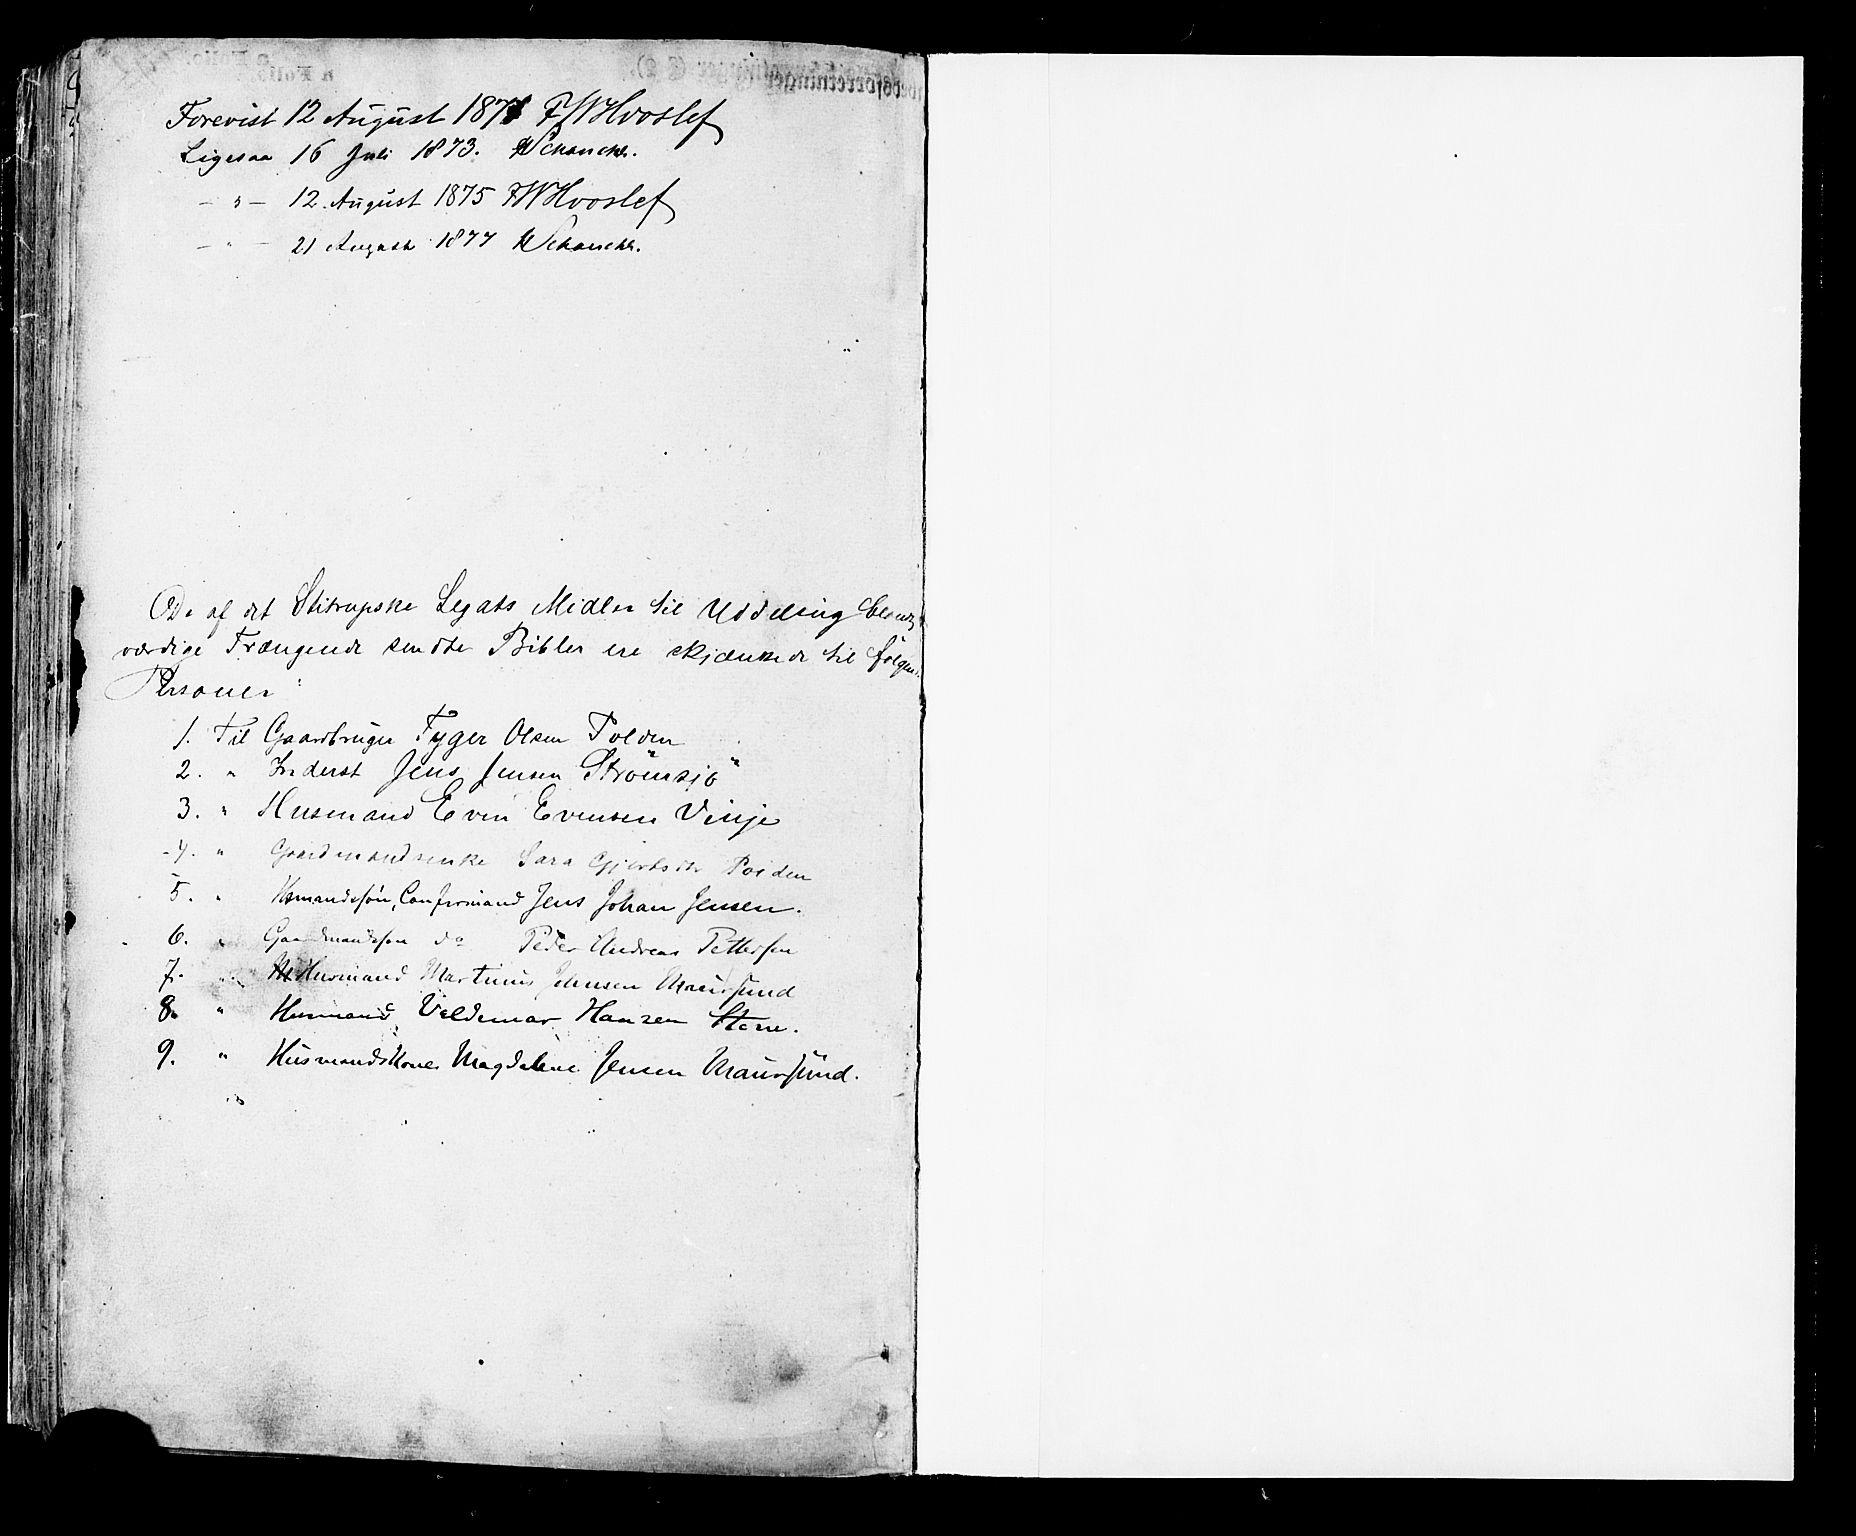 SAT, Ministerialprotokoller, klokkerbøker og fødselsregistre - Nordland, 891/L1301: Parish register (official) no. 891A06, 1870-1878